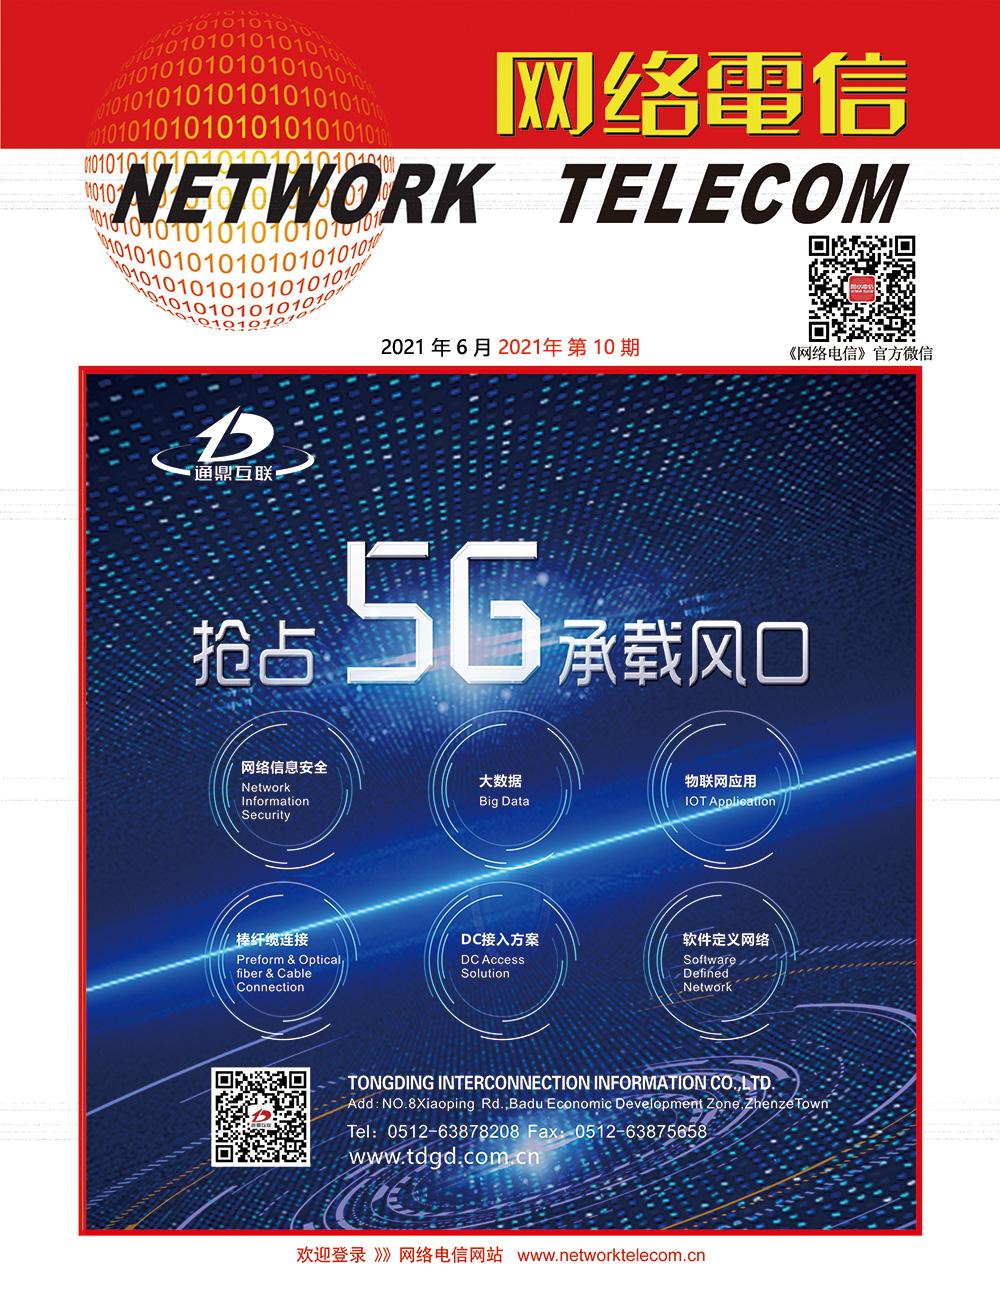 《网络电信》微杂志——2021年6月刊下